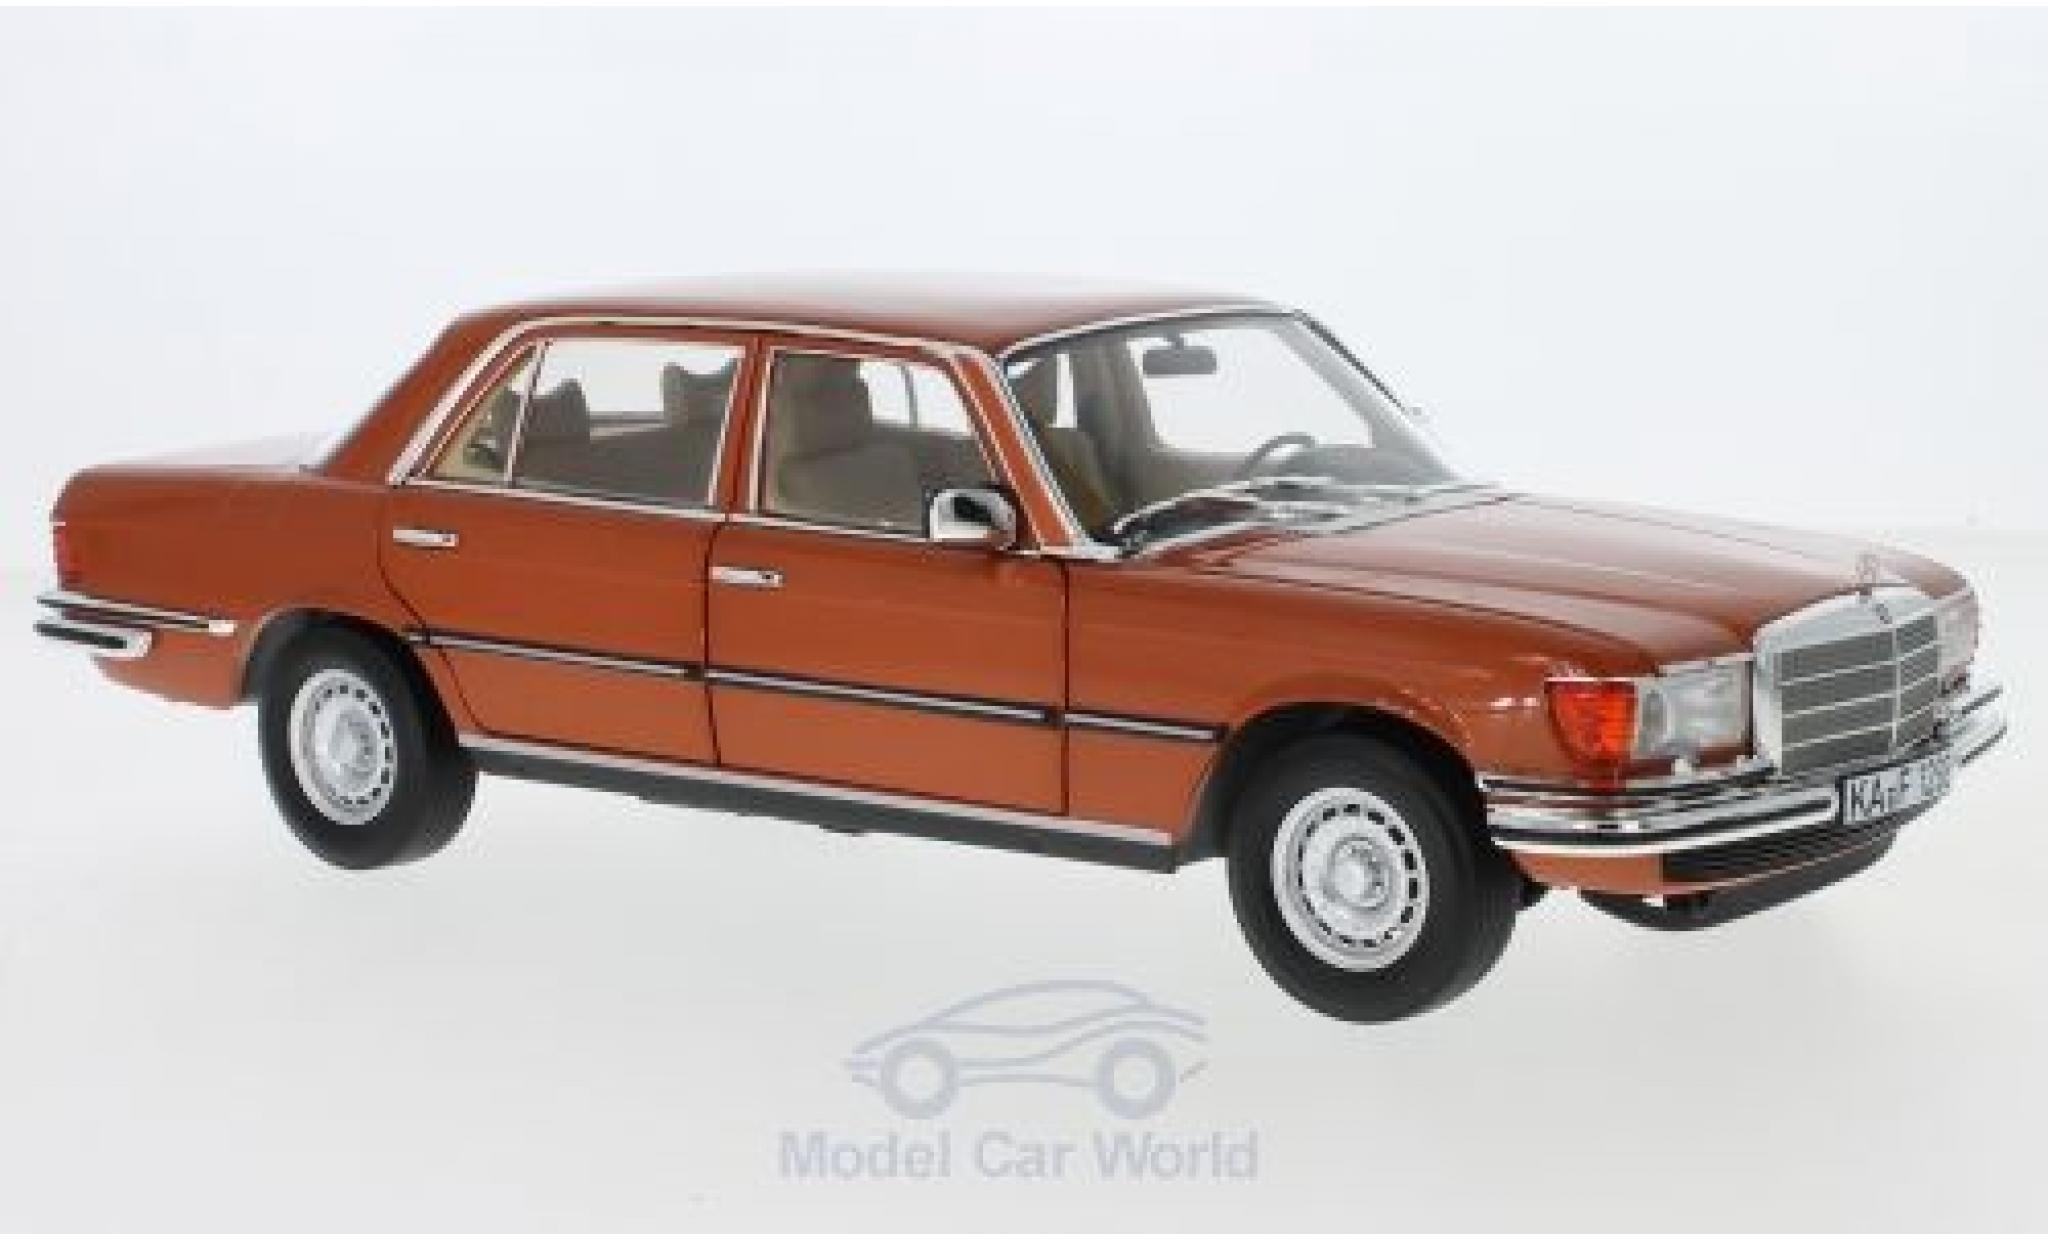 Mercedes 450 SEL 1/18 Norev 6.9 (V116) metallise orange 1976